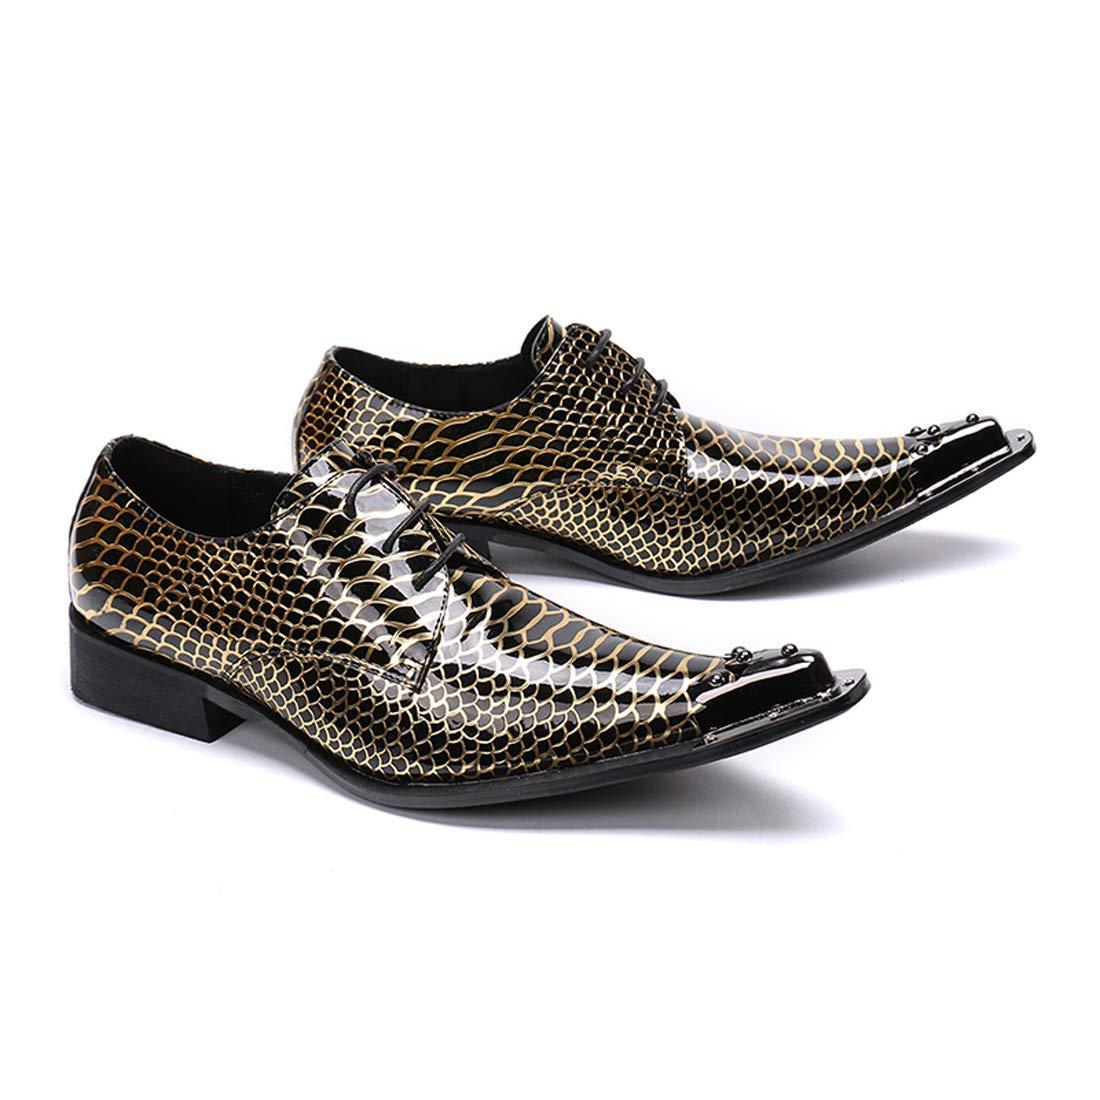 DANDANJIE Herren Herren Herren Formale Schuhe Leder Fallen Oxfords Hochzeits-Party & Abend Neuheit Schuhe 4a68e6